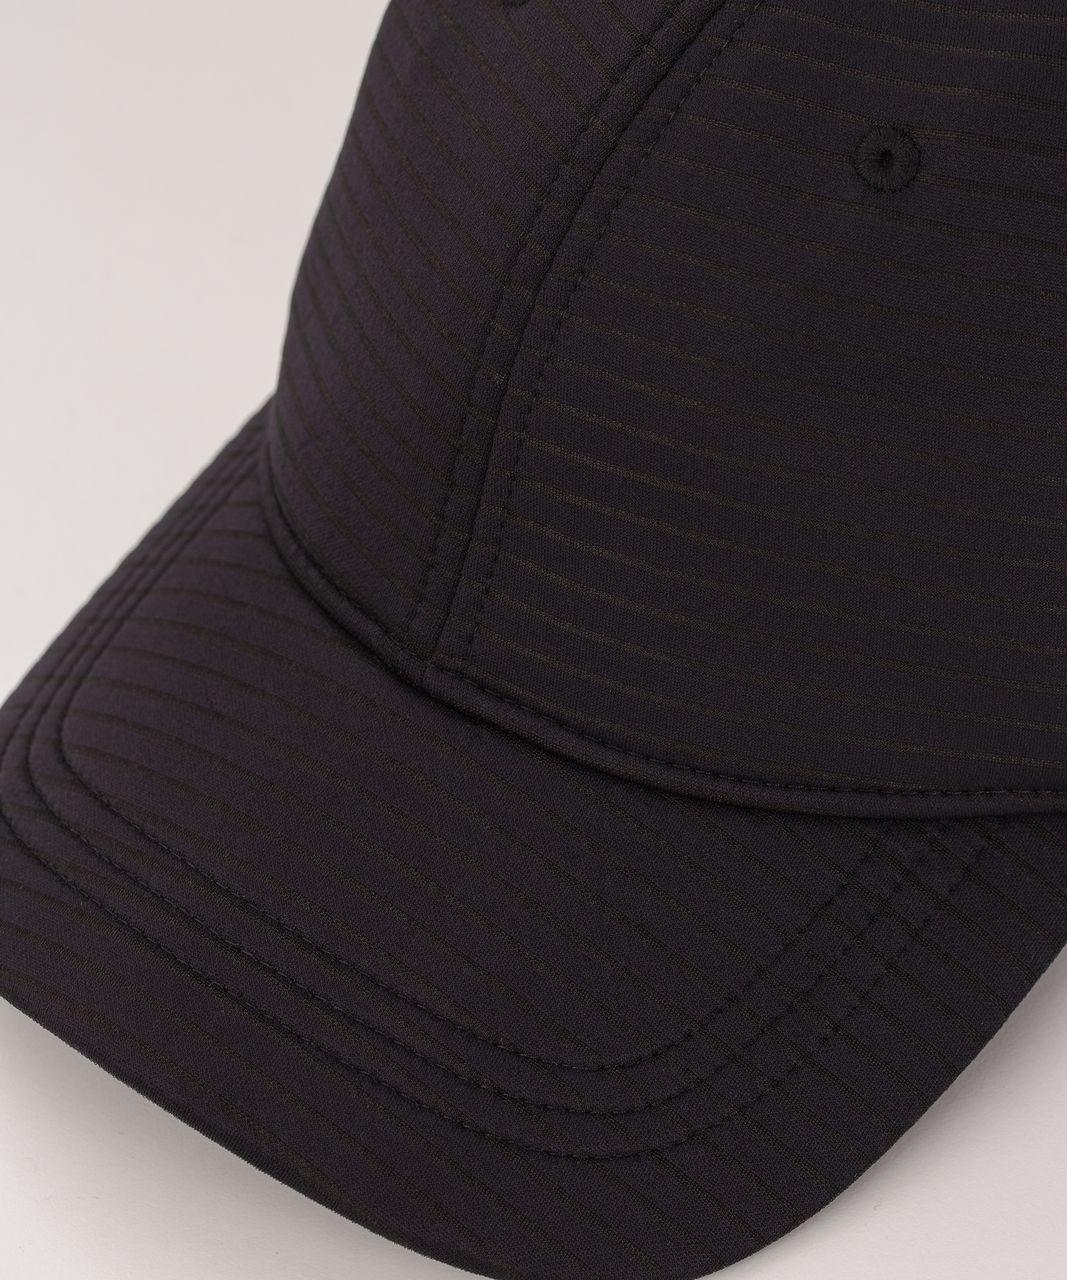 Lululemon Baller Hat (Stripe Spacer) - Black